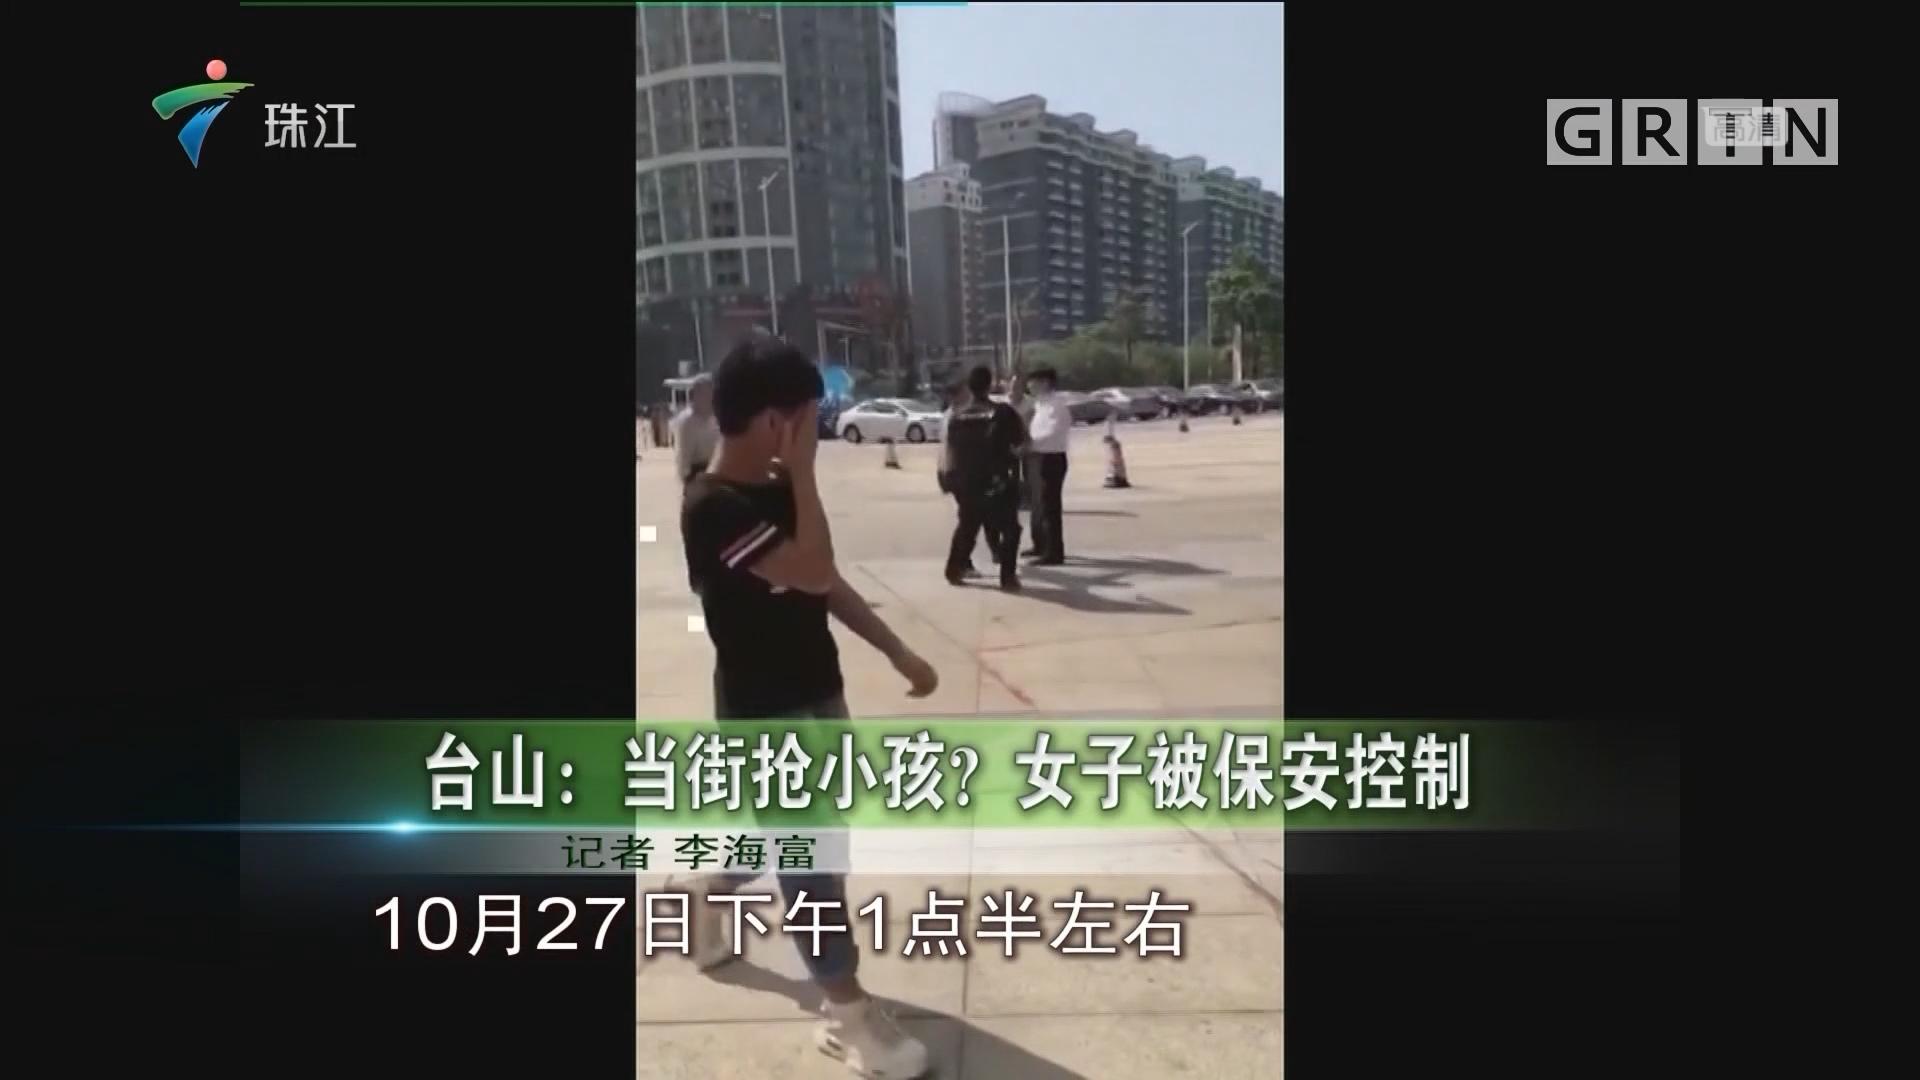 台山:当街抢小孩? 女子被保安控制